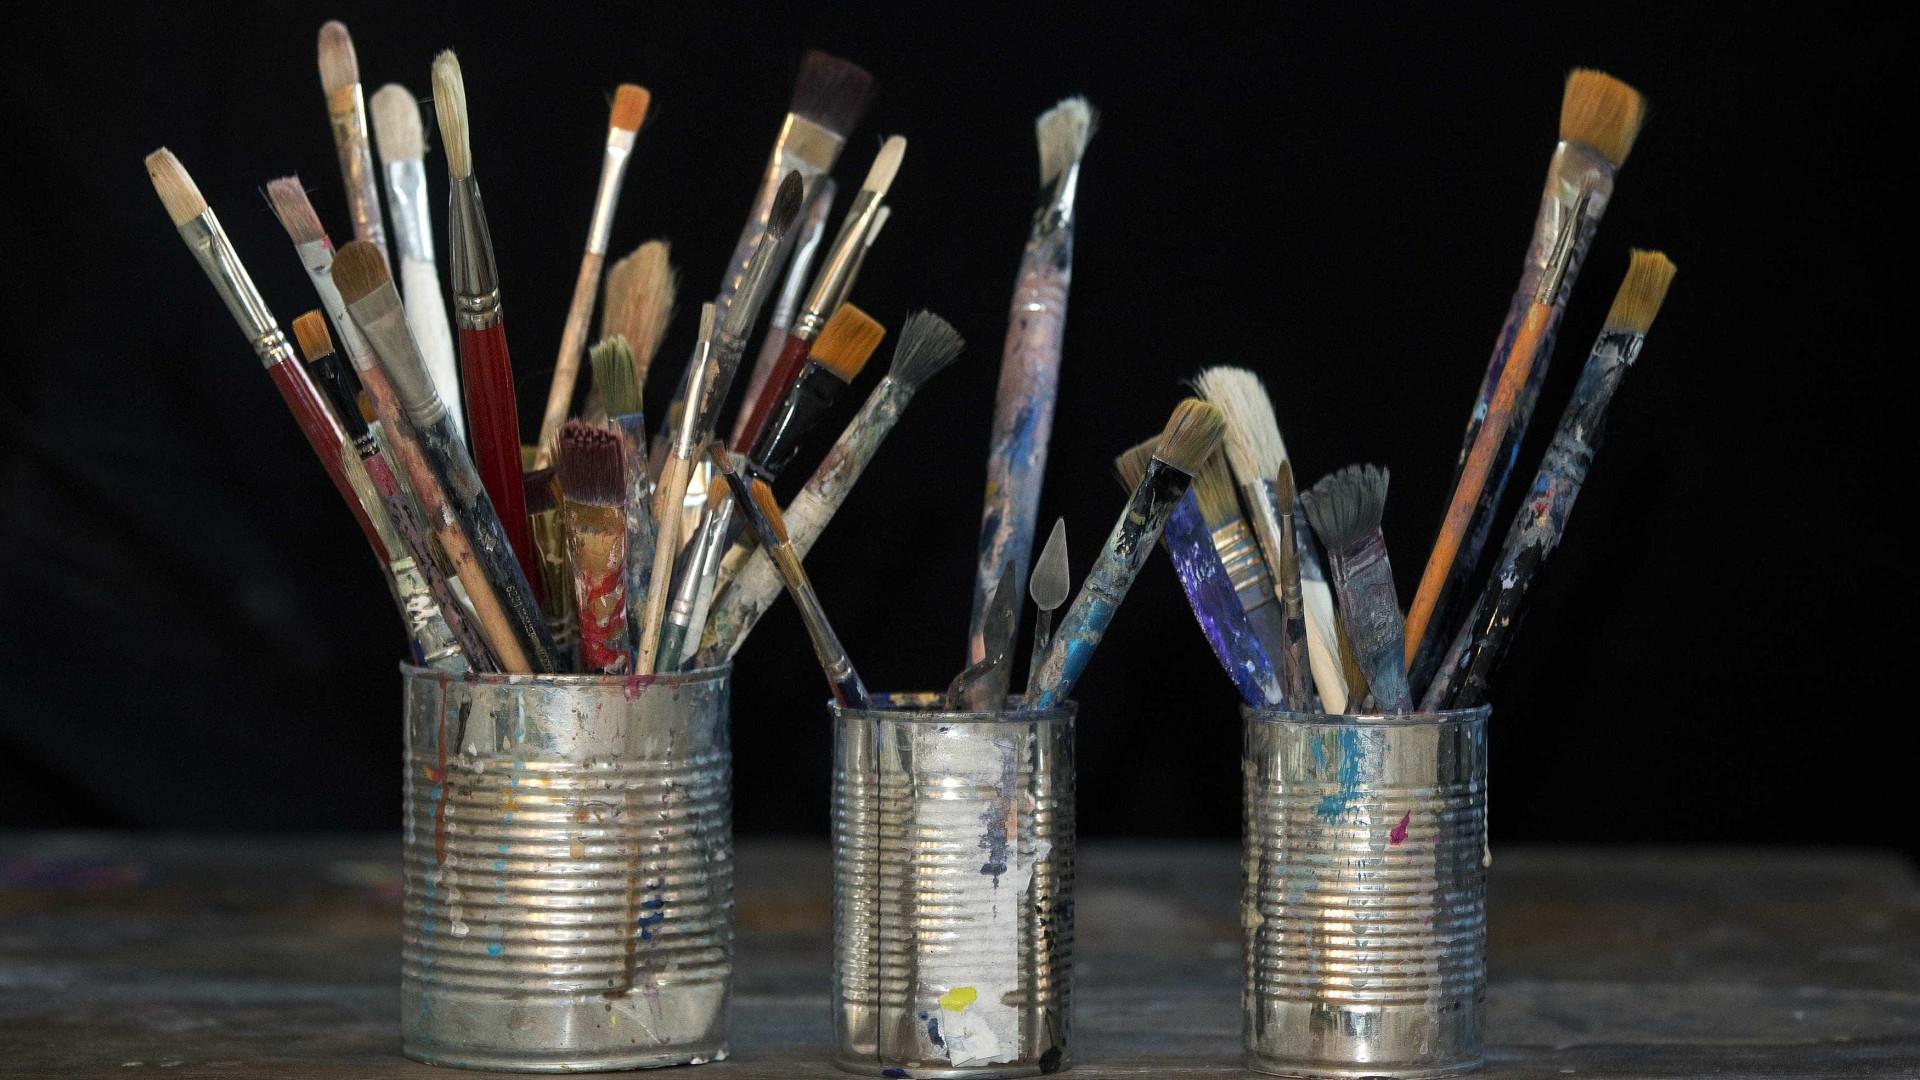 Portugal prevê realizar 1.400 ações culturais no estrangeiro